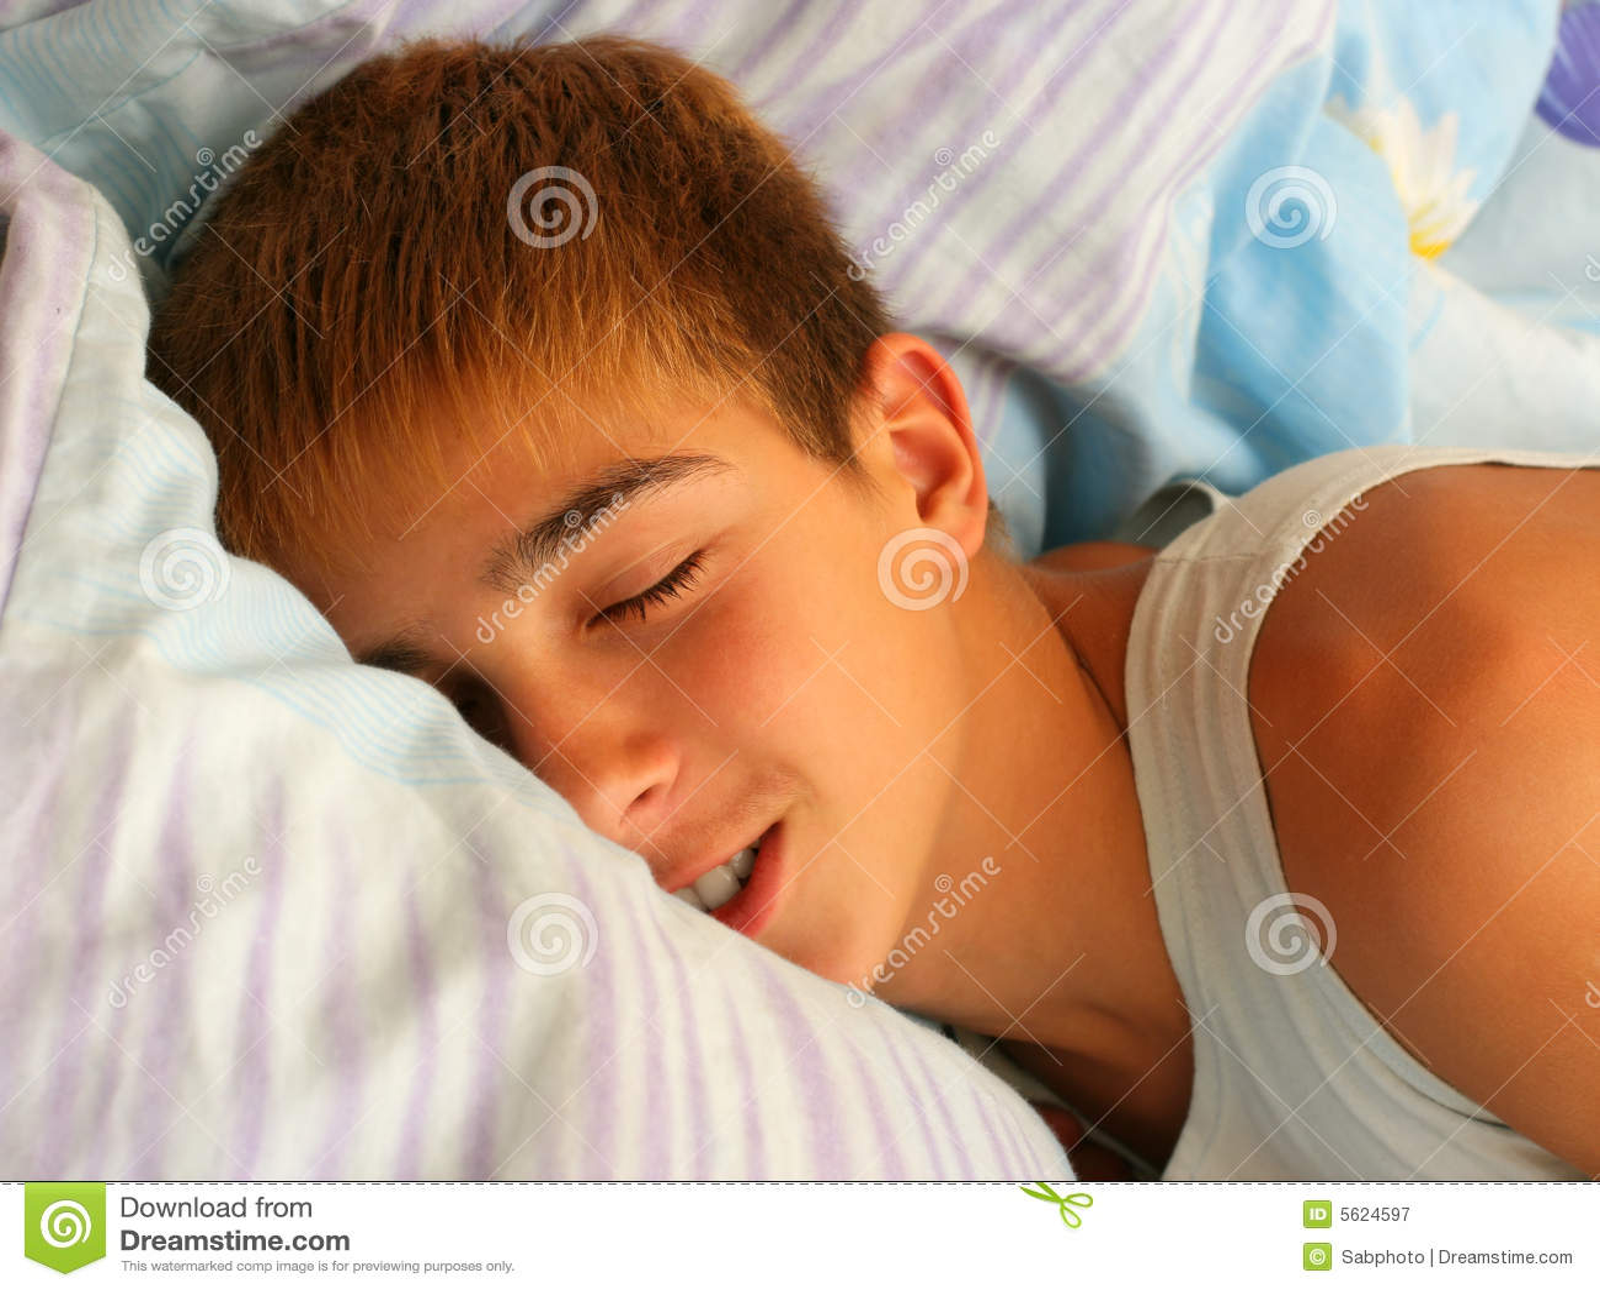 Члены спящих парней фото, Голые парни и мужчины (34 фото) Фото голых парней 22 фотография